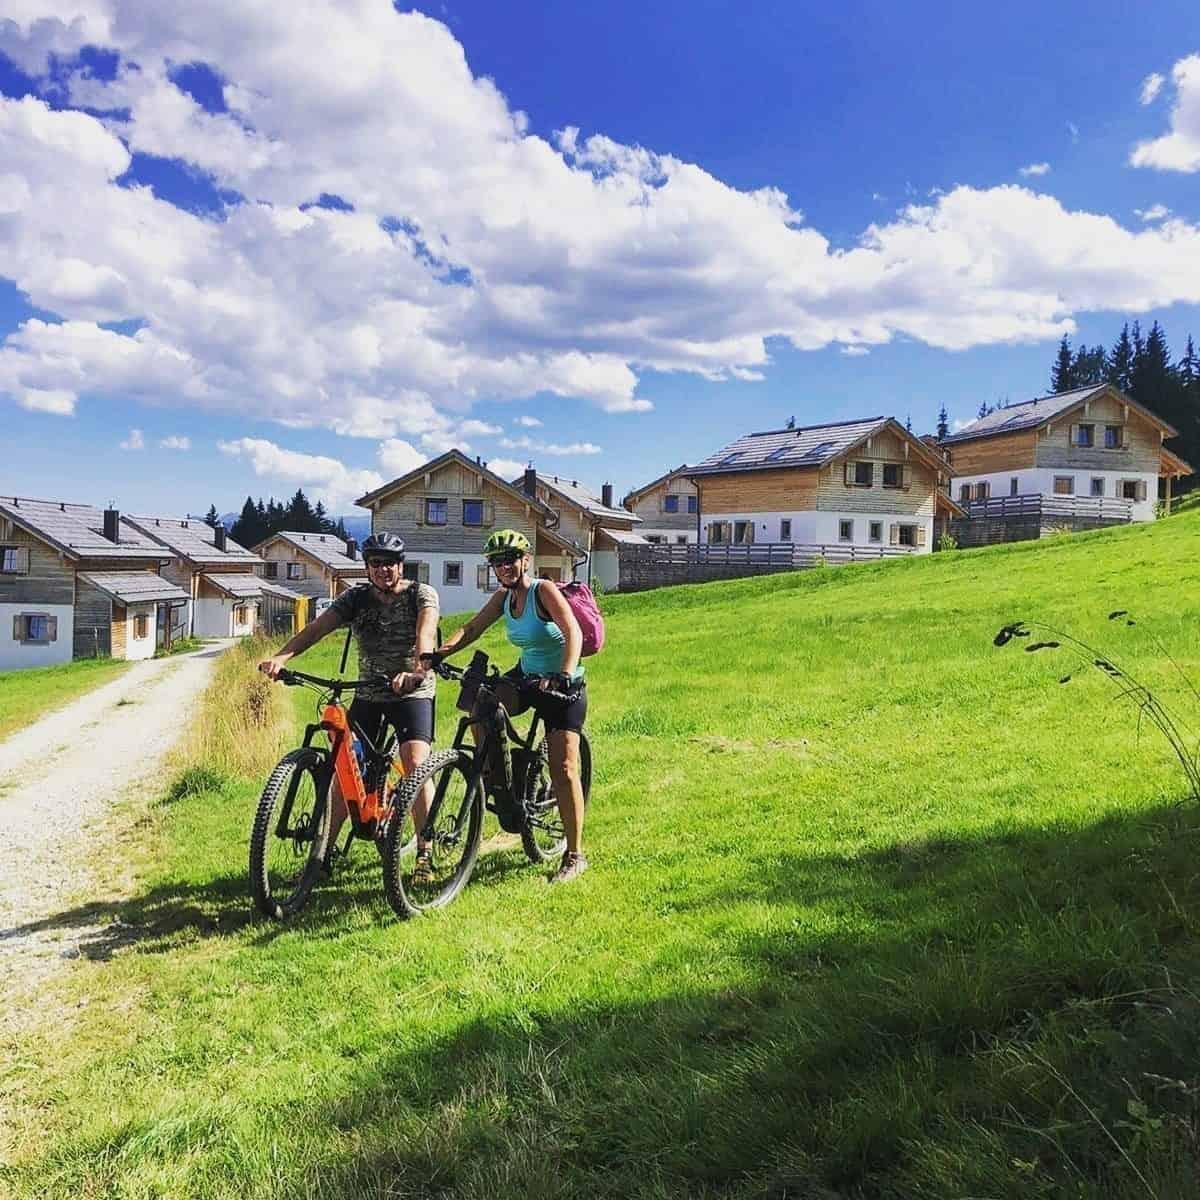 Biking at Chaletdorf Fanningberg